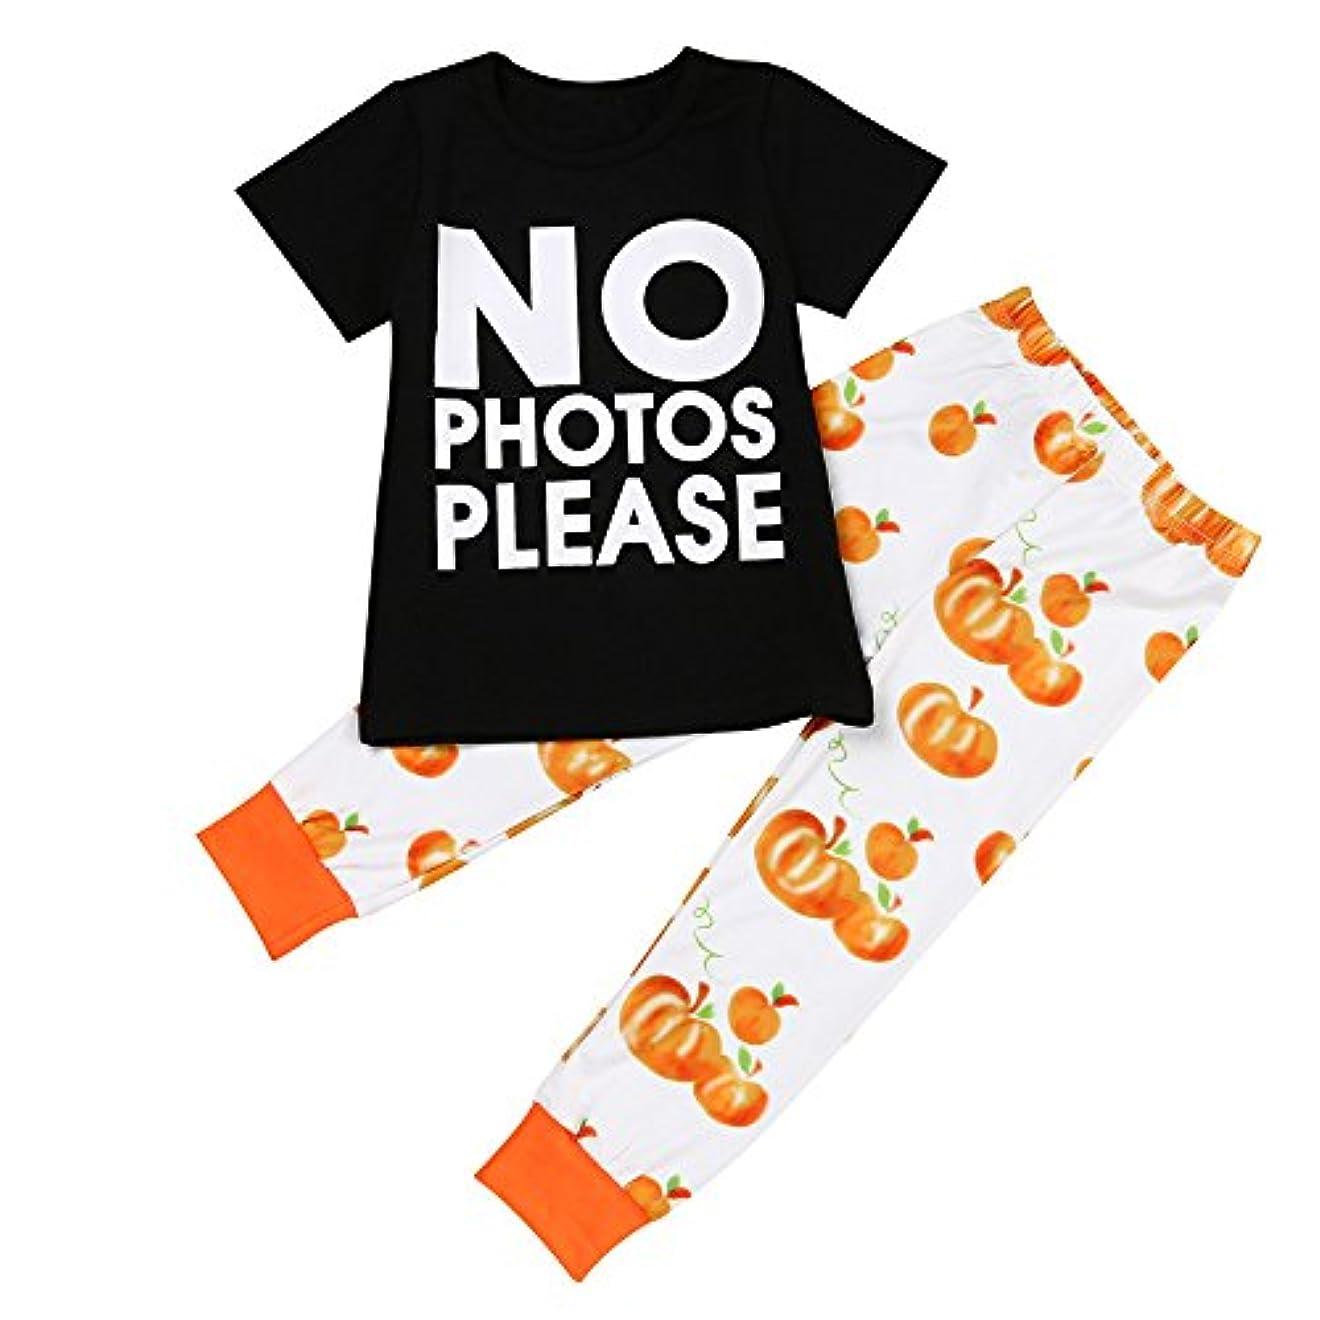 食欲グリル必要ないKarchi  人気  2017  幼児 子供 赤ちゃん 手紙Tシャツ トップス+パンパンのパンツ ハロウィーン 衣装セット (90, 黒)